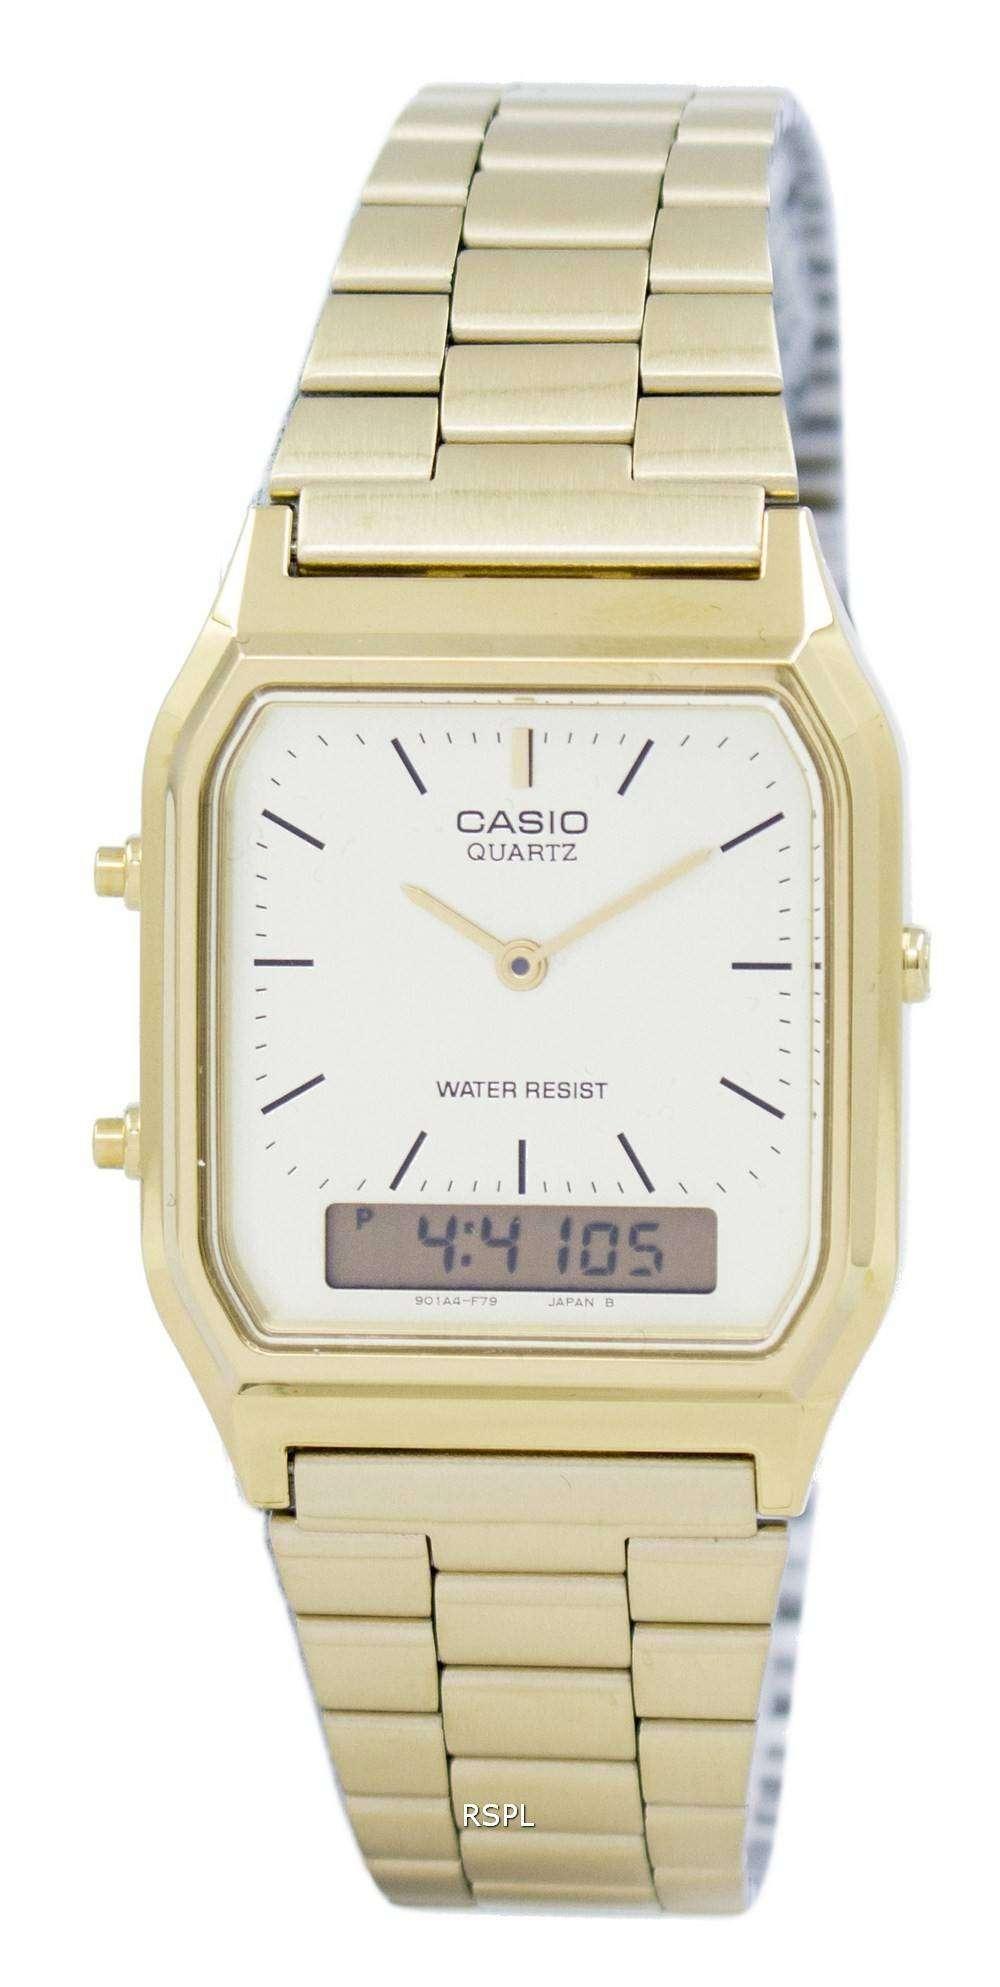 Casio Quartz Analog Digital Gold Tone AQ-230GA-9DMQYES Mens Watch